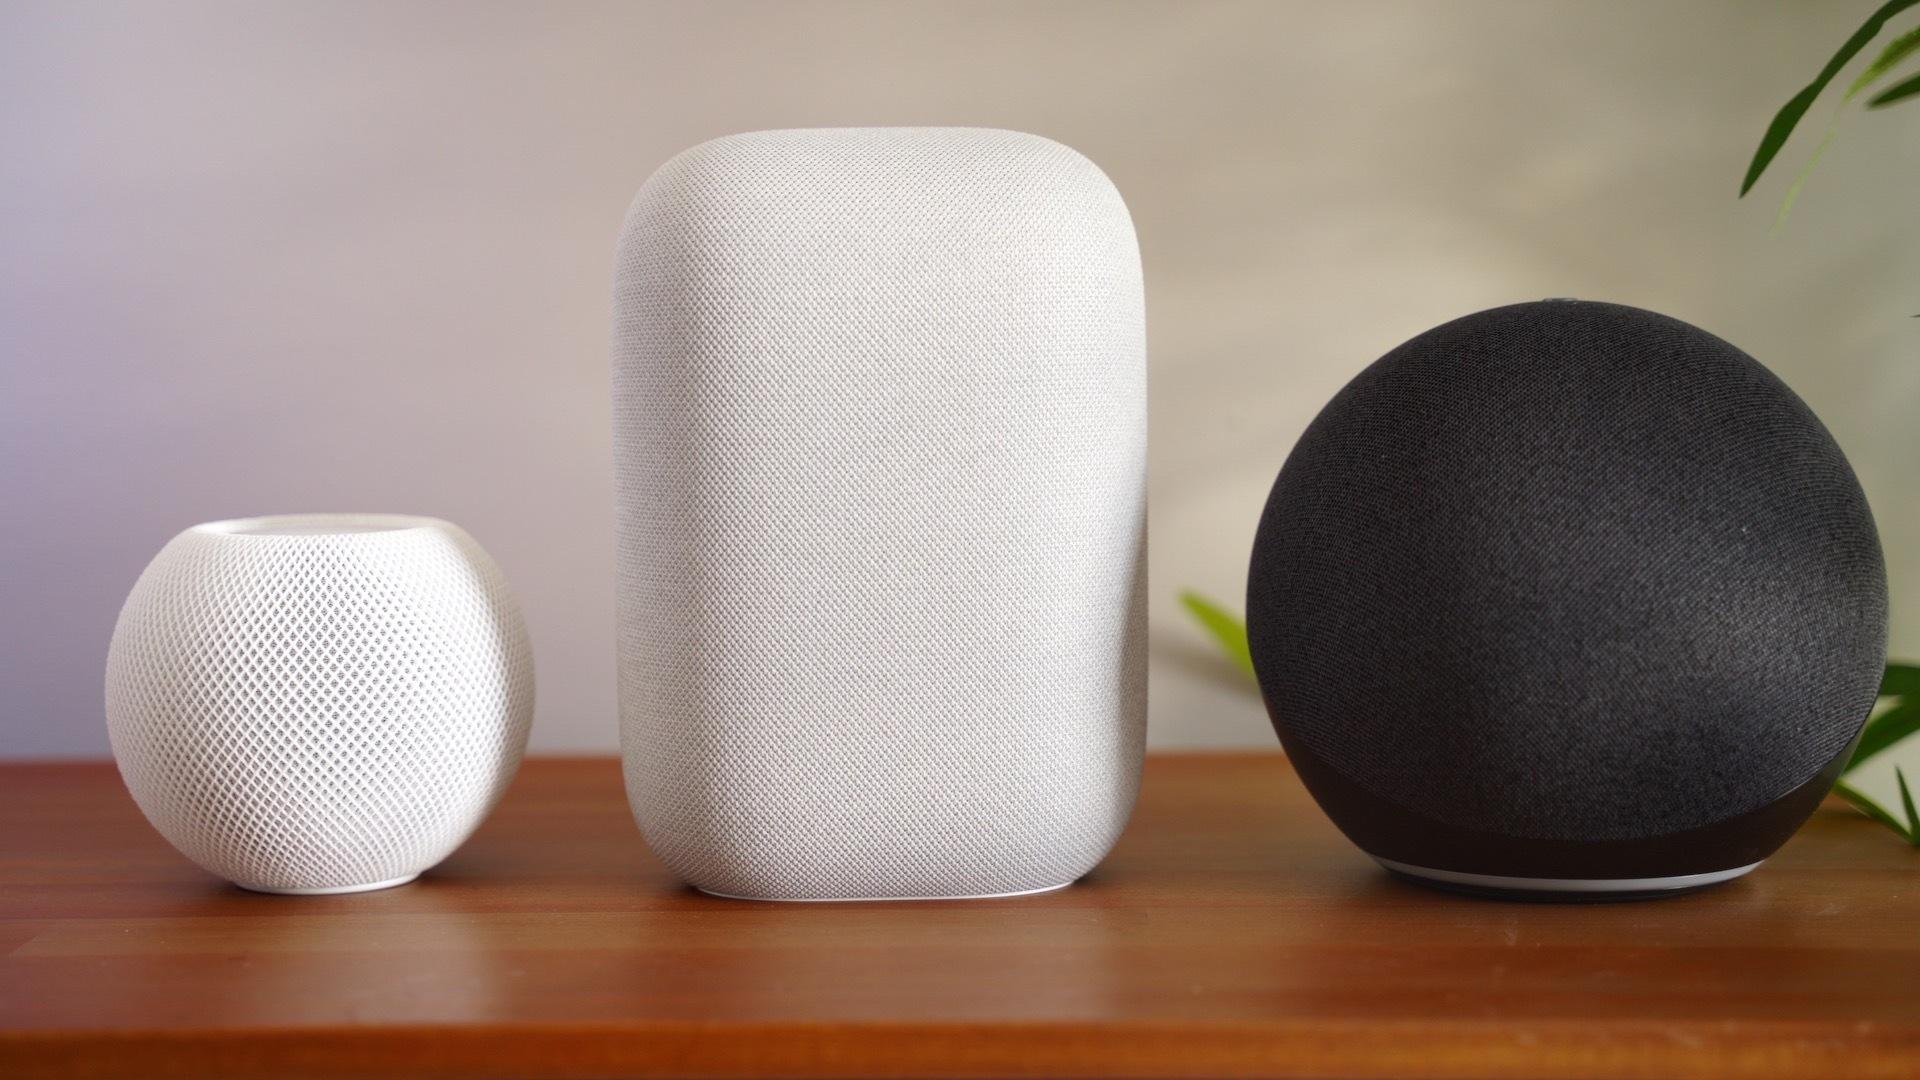 amazon echo homepod mini nest audio comparison